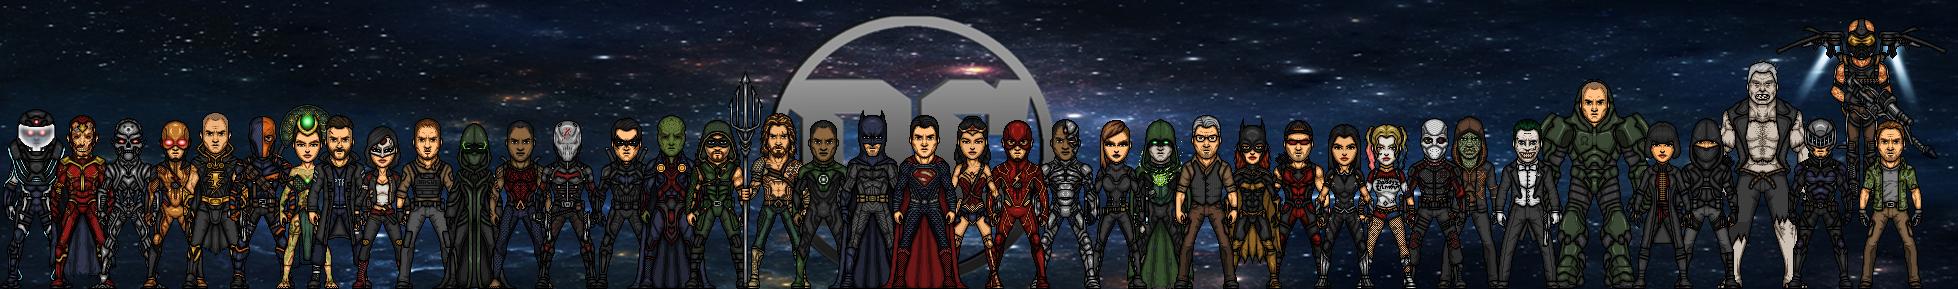 DC Cinematic Universe Timeline by LoganWaynee